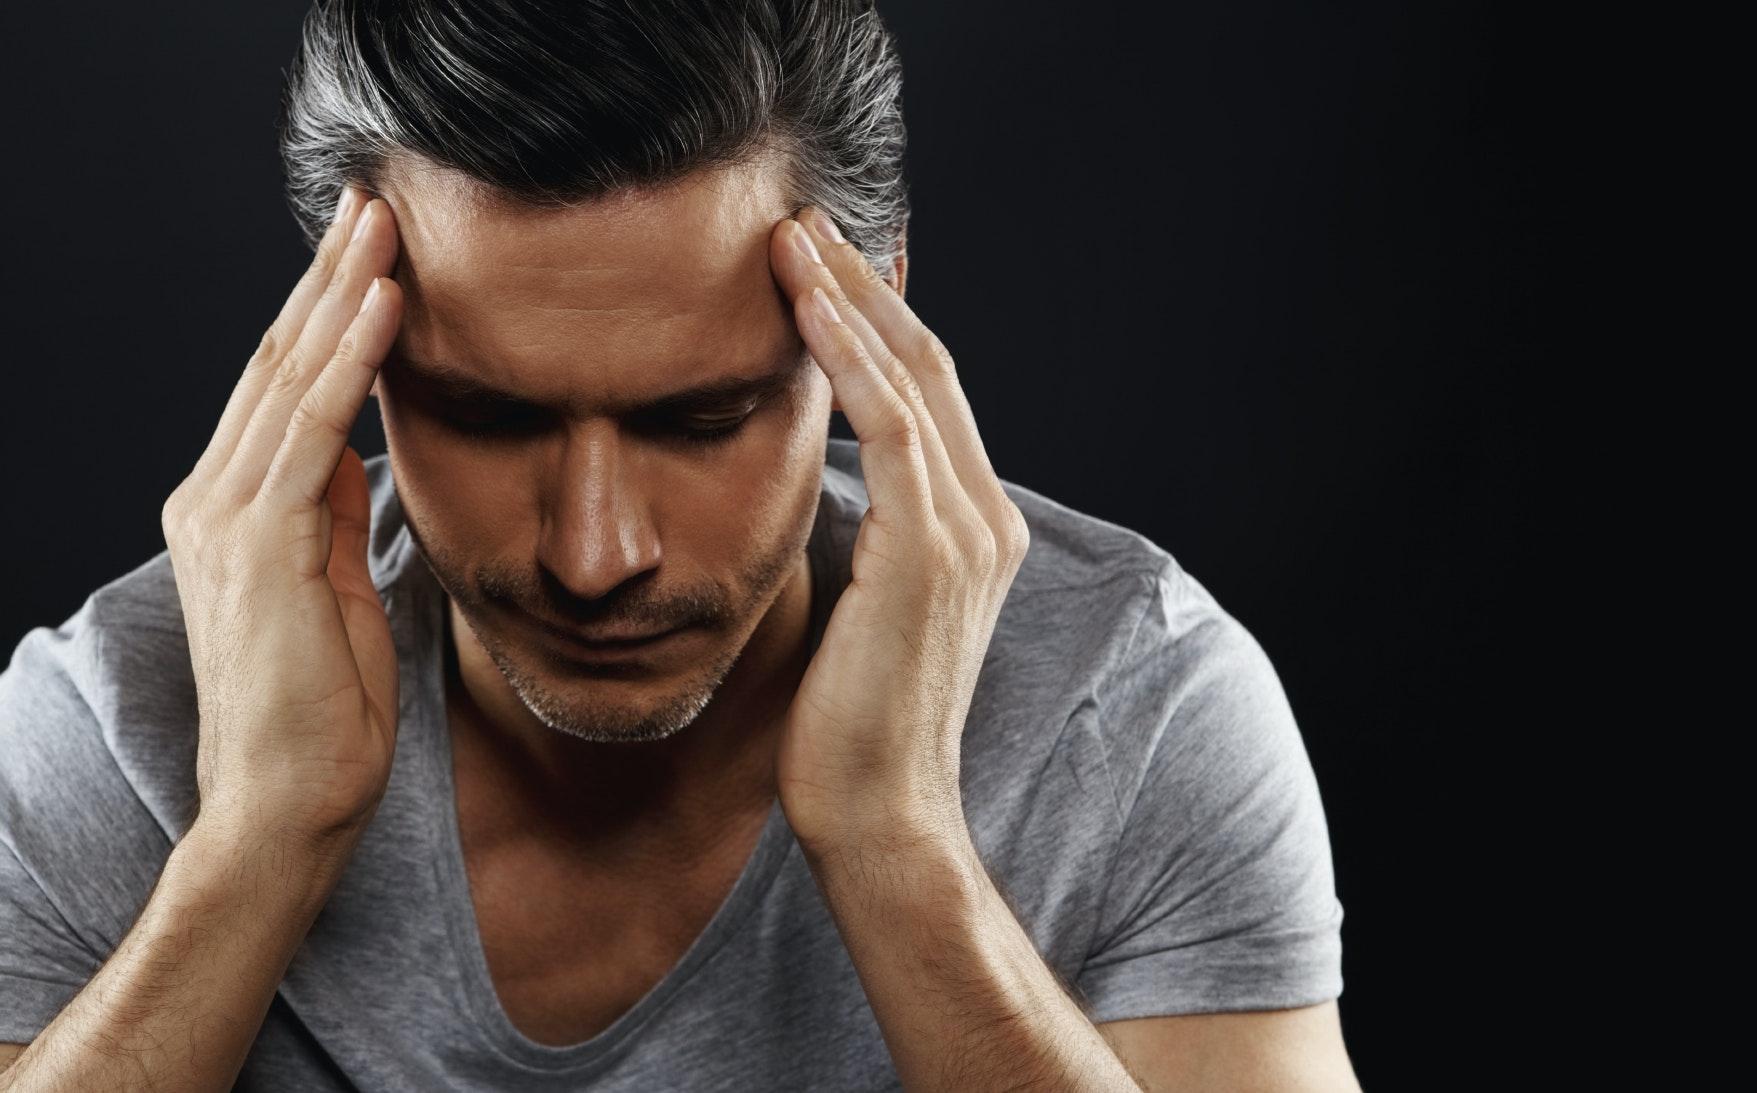 huvudvärk flera dagar i rad